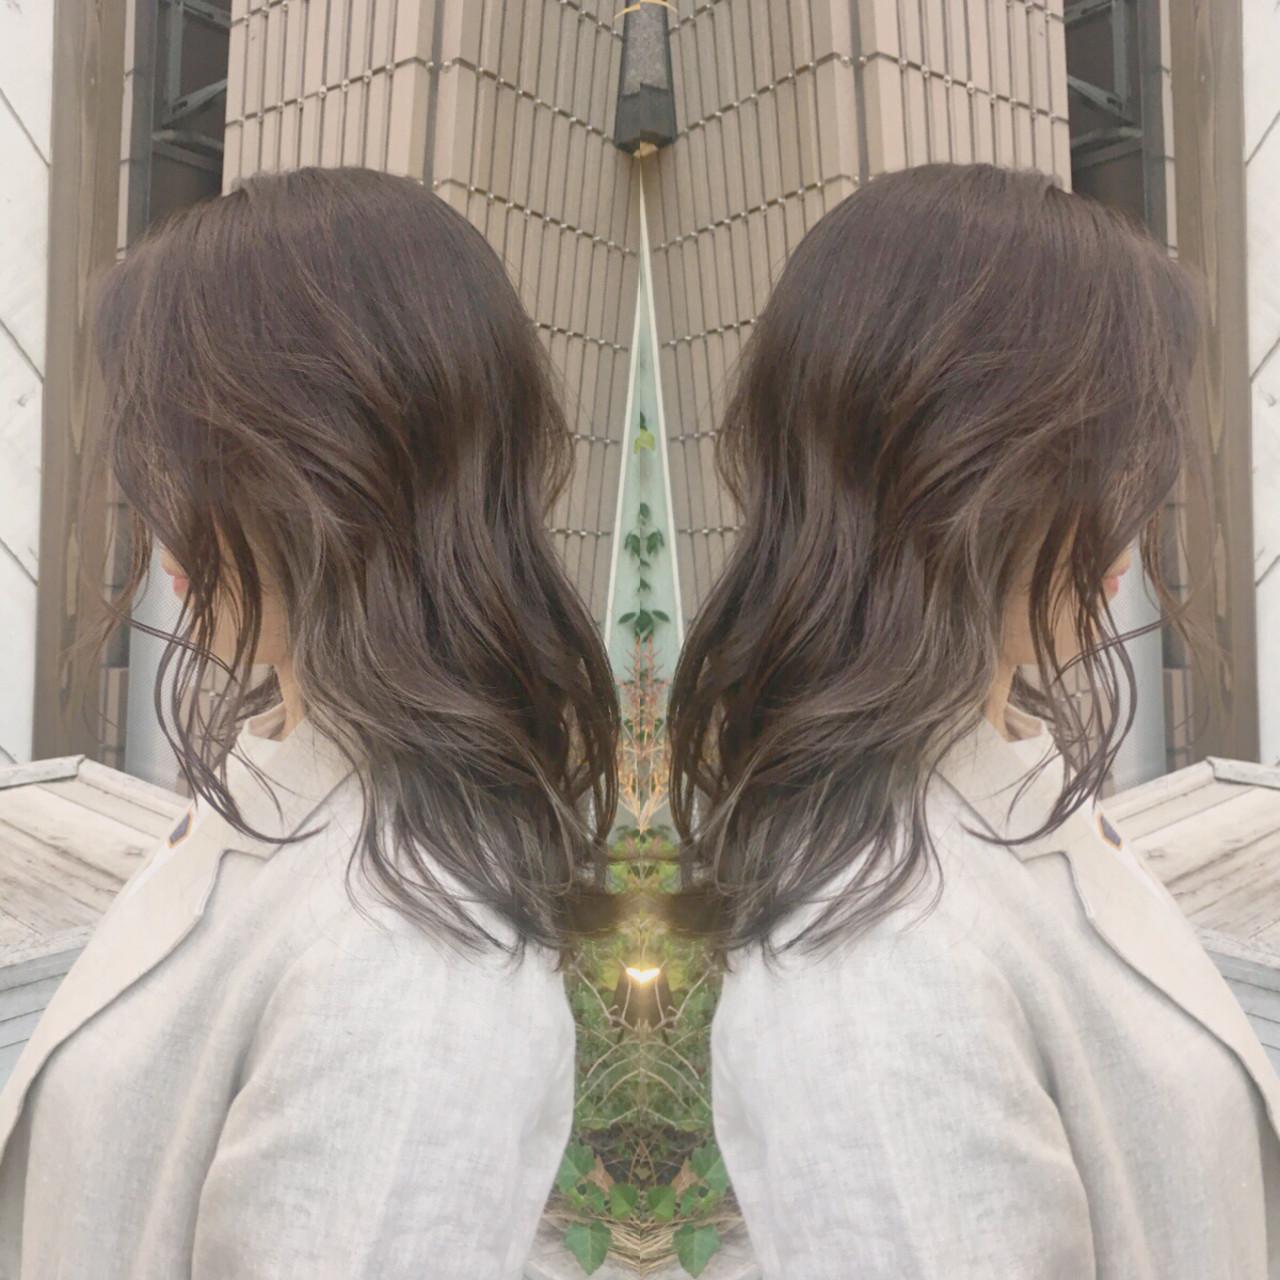 パーマ オフィス デート ミディアム ヘアスタイルや髪型の写真・画像 | ミディアムヘア美容師#コバヤシタクヤ / kakimotoarms